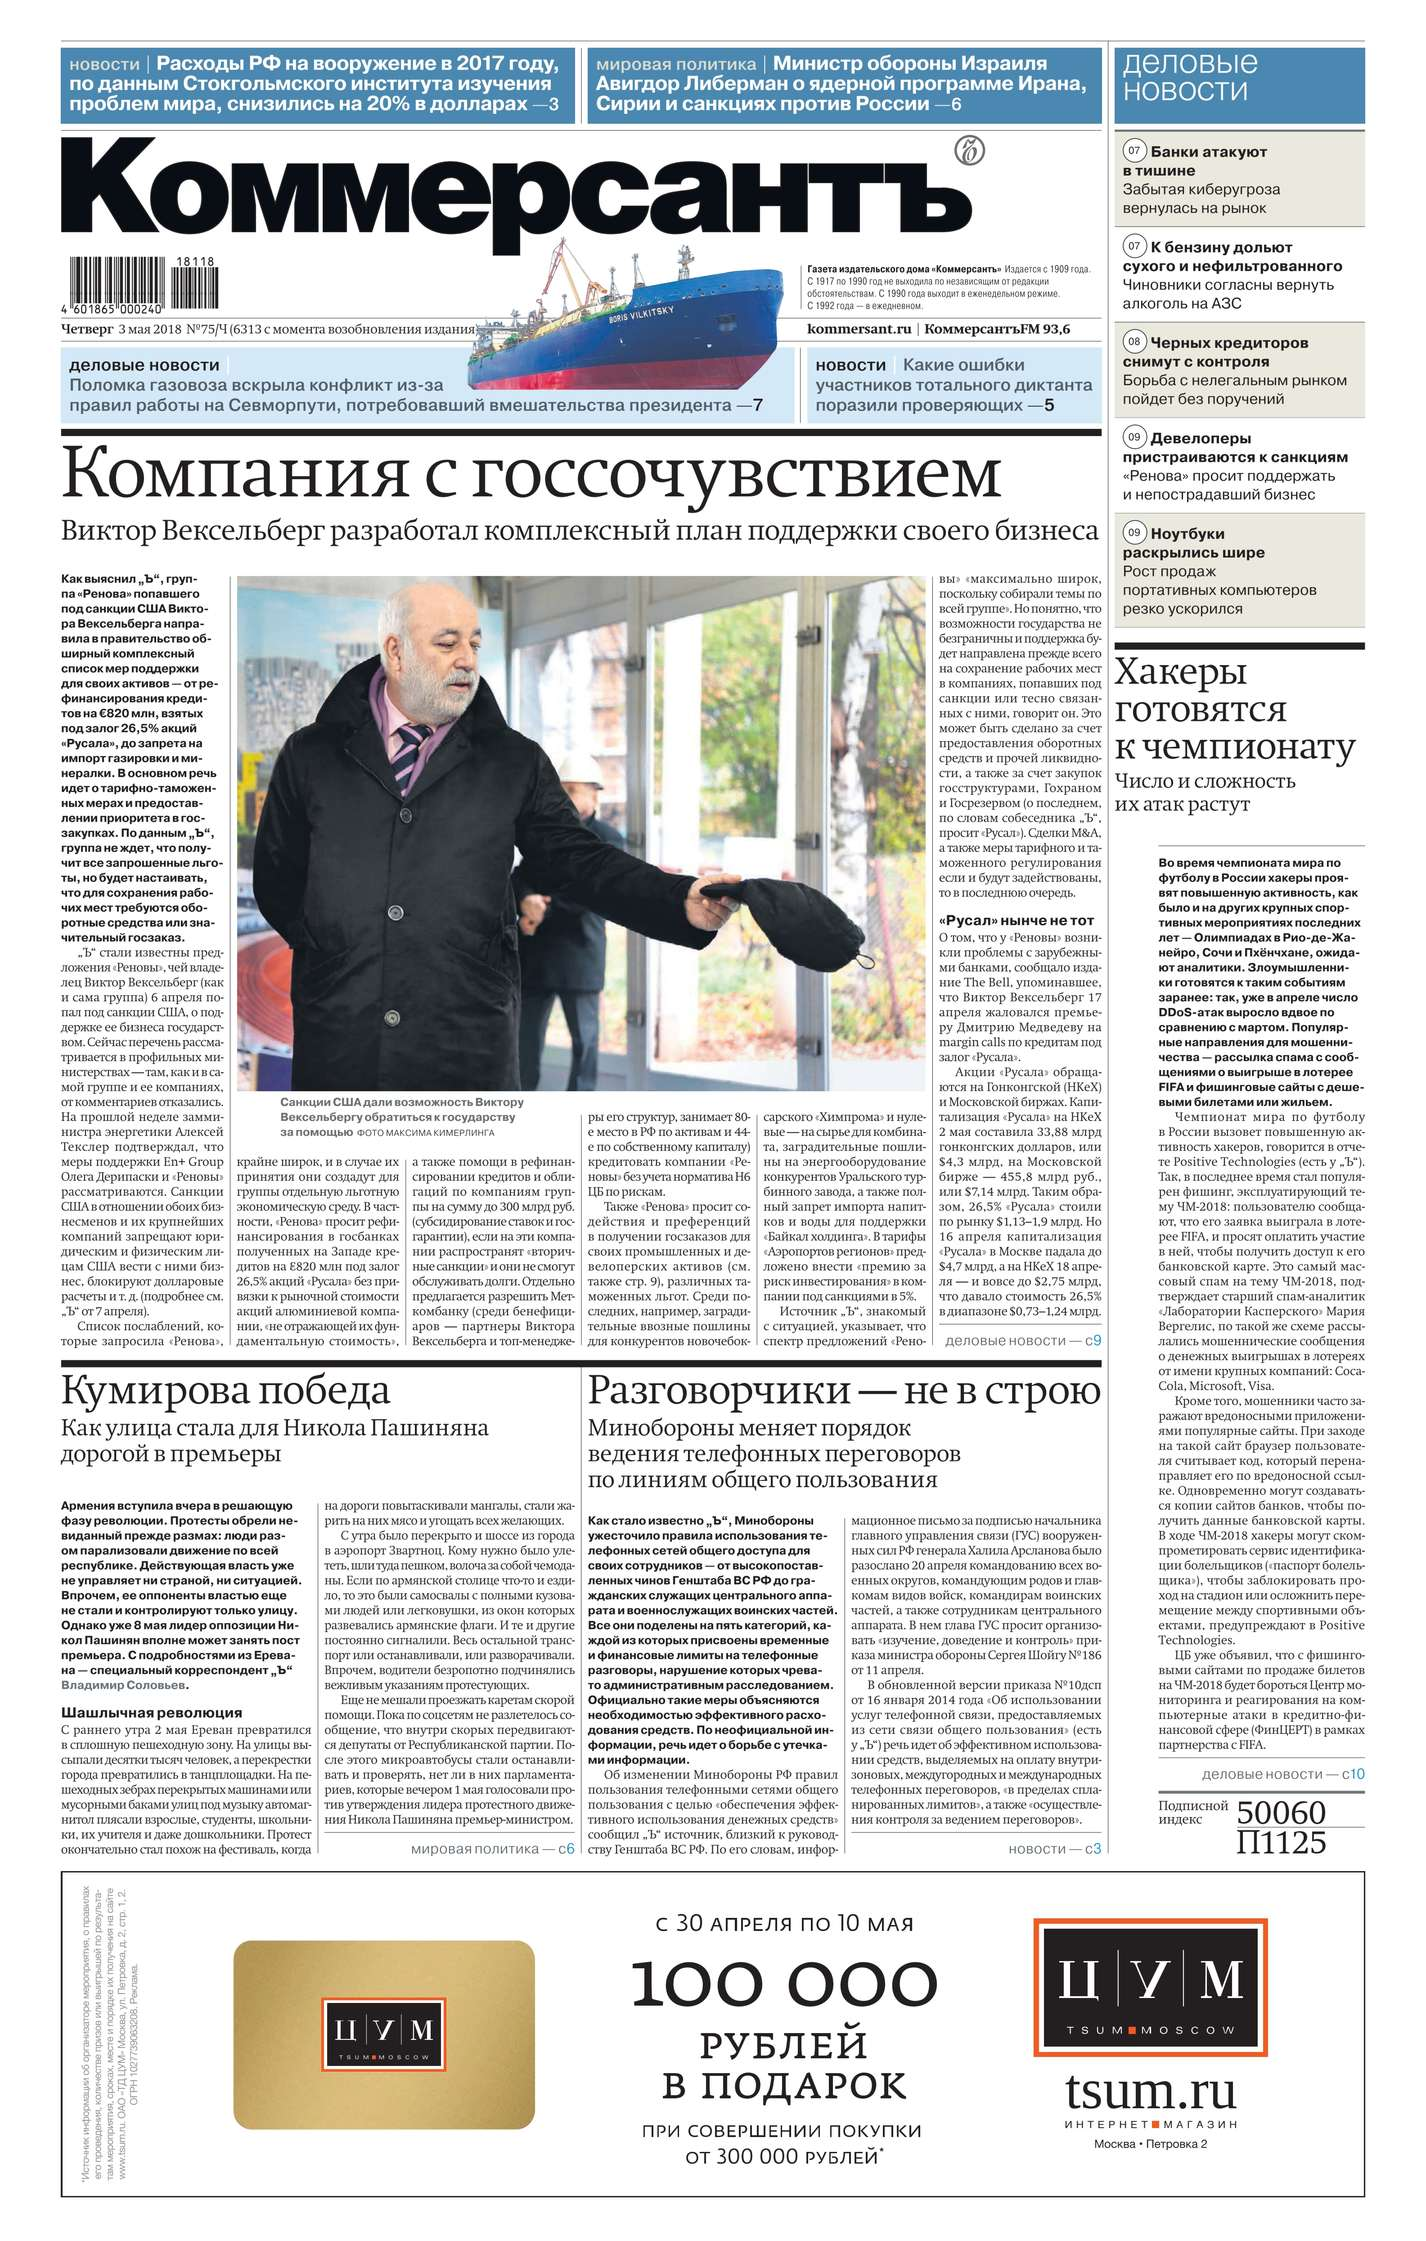 Редакция газеты Коммерсантъ (понедельник-пятница) Коммерсантъ (понедельник-пятница) 75ч-2018 цена